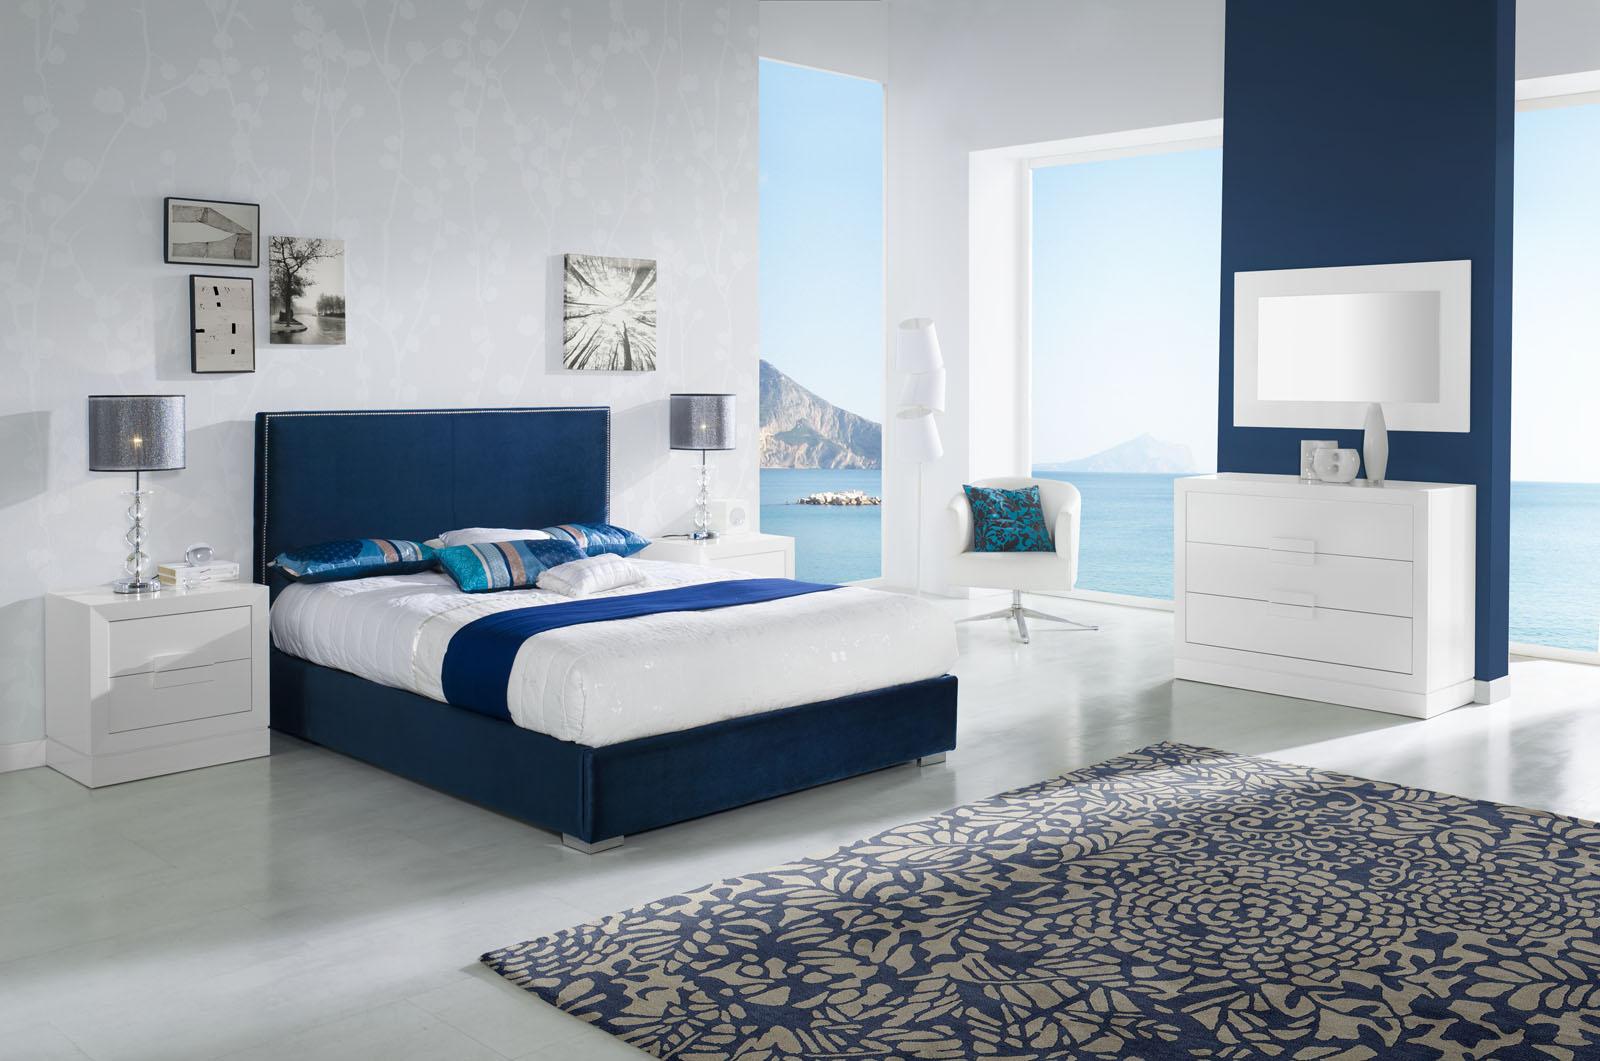 Como tapizar un cabezal de cama fabulous la imagen se est cargando with como tapizar un cabezal - Tapizar cabezal cama ...